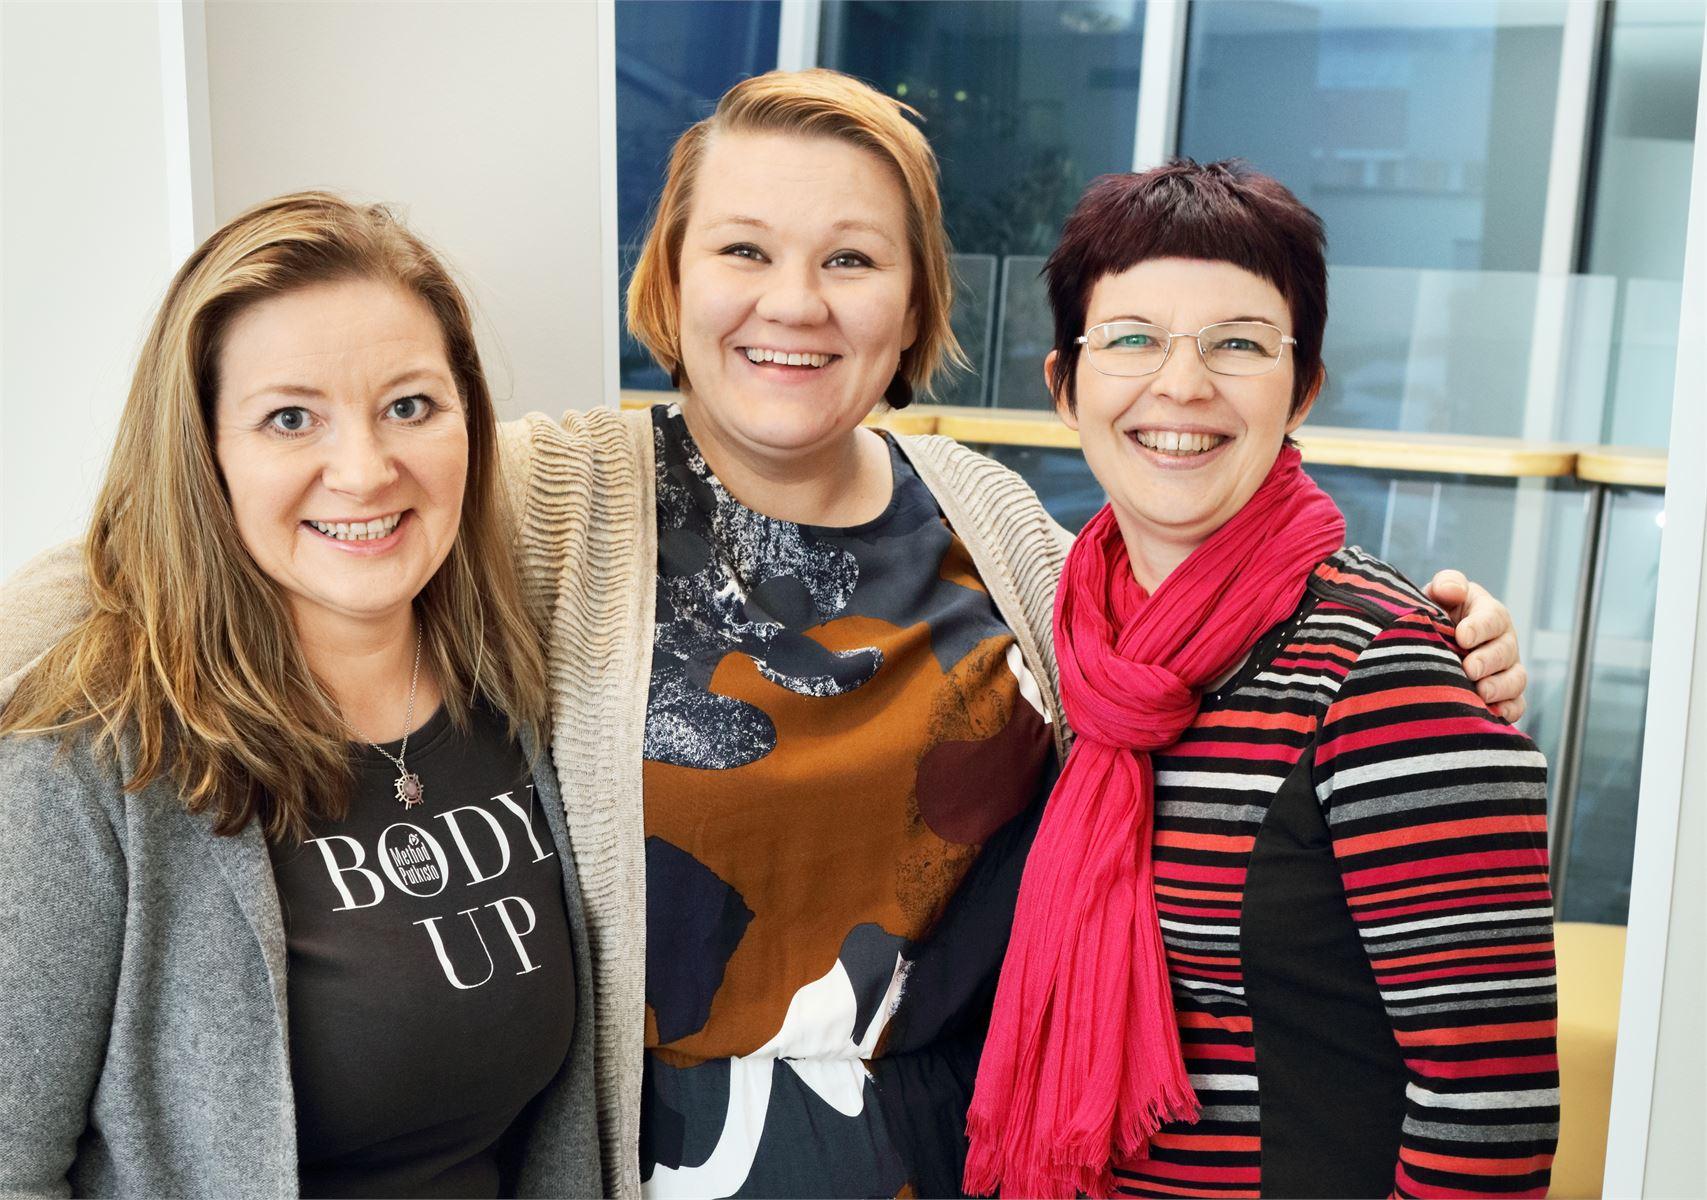 Hyvinvointialan yrittäjät Kati Nyman, Mari Huistinoja ja Virpi Hoffrén (vasemmalta oikealle) puhuvat pienyrittäjien yhteistyön puolesta. Kuva Jan Sandvik